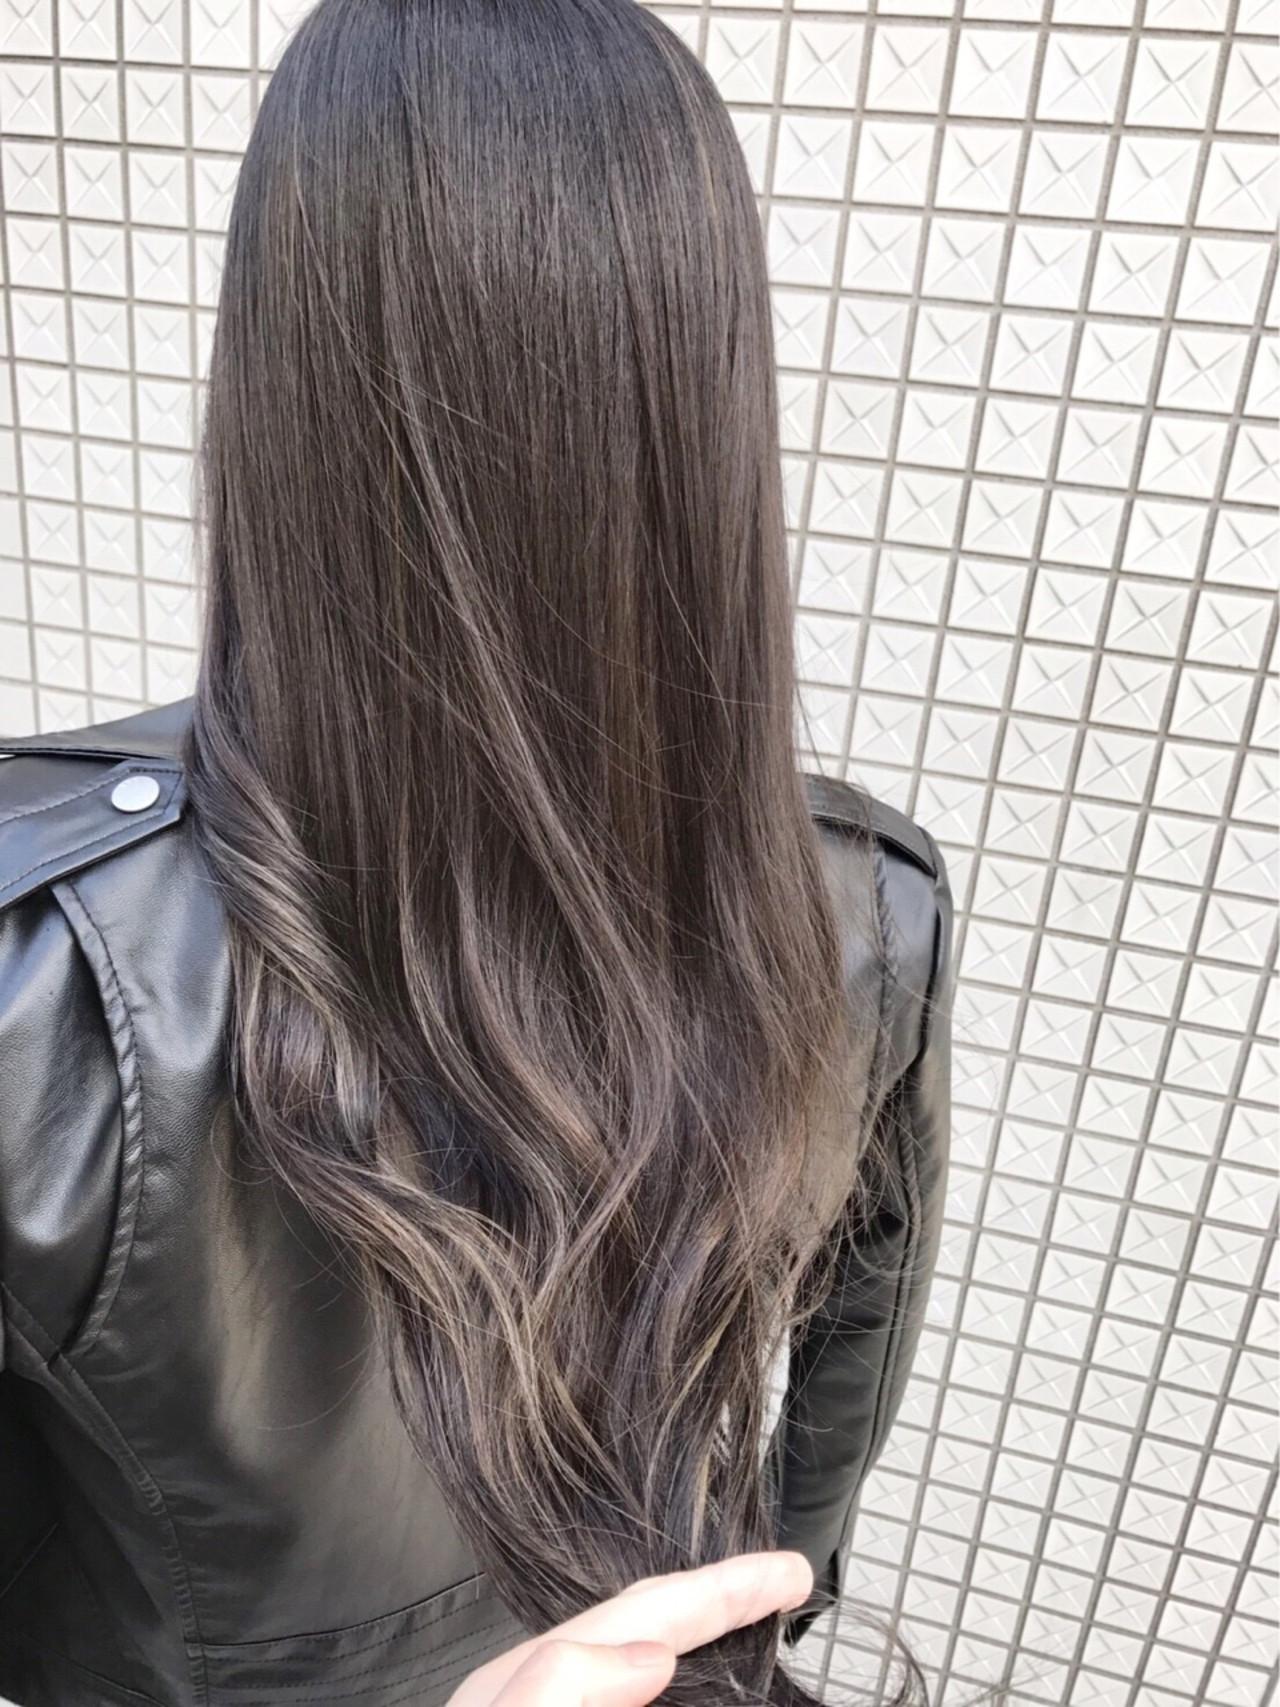 アッシュ ロング エレガント 上品 ヘアスタイルや髪型の写真・画像